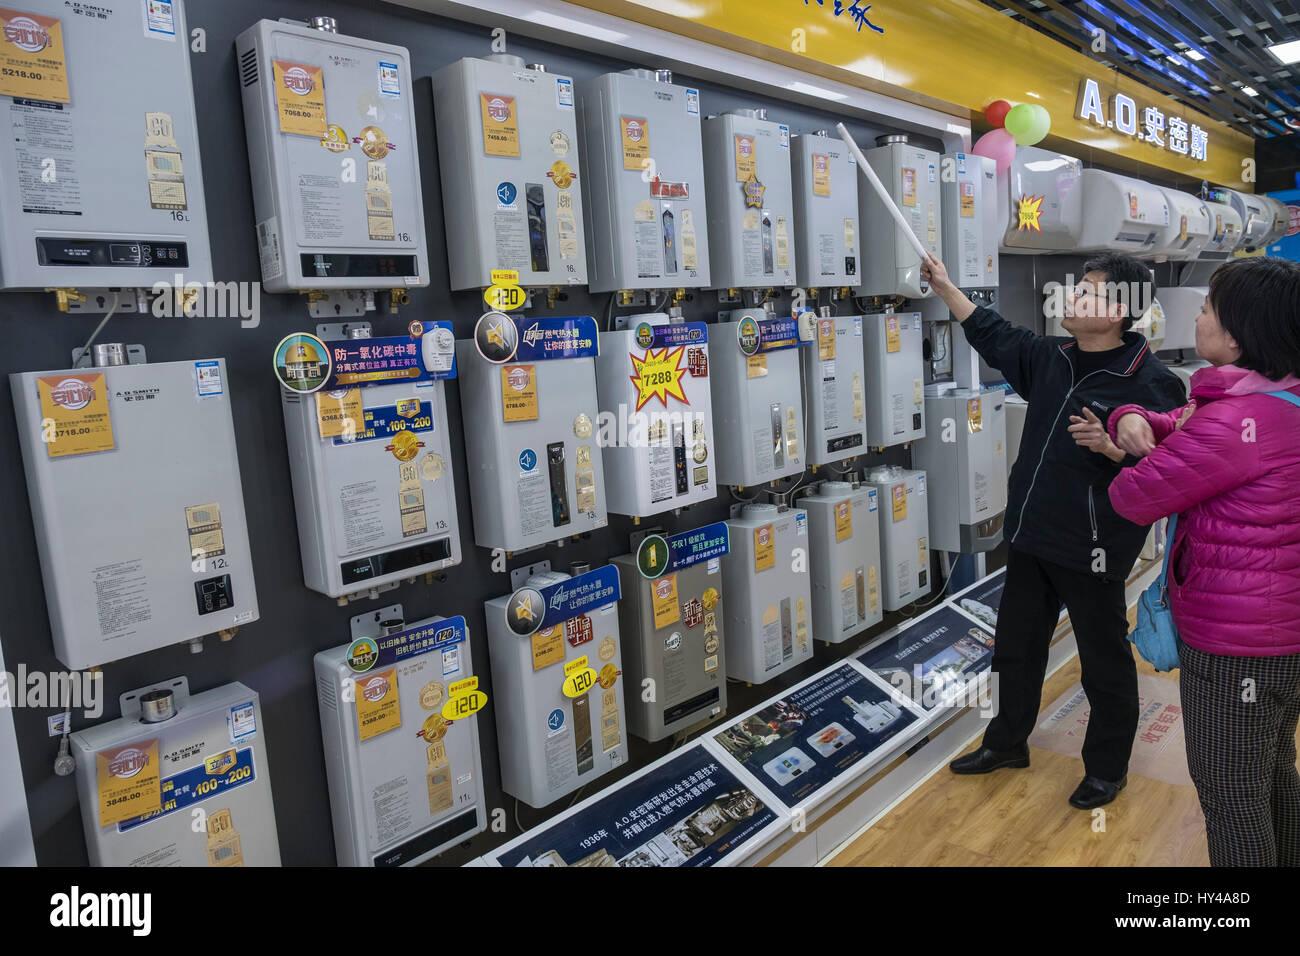 A.O. Smith di acqua calda sono in vendita in un B&Q store a Pechino in Cina. Immagini Stock